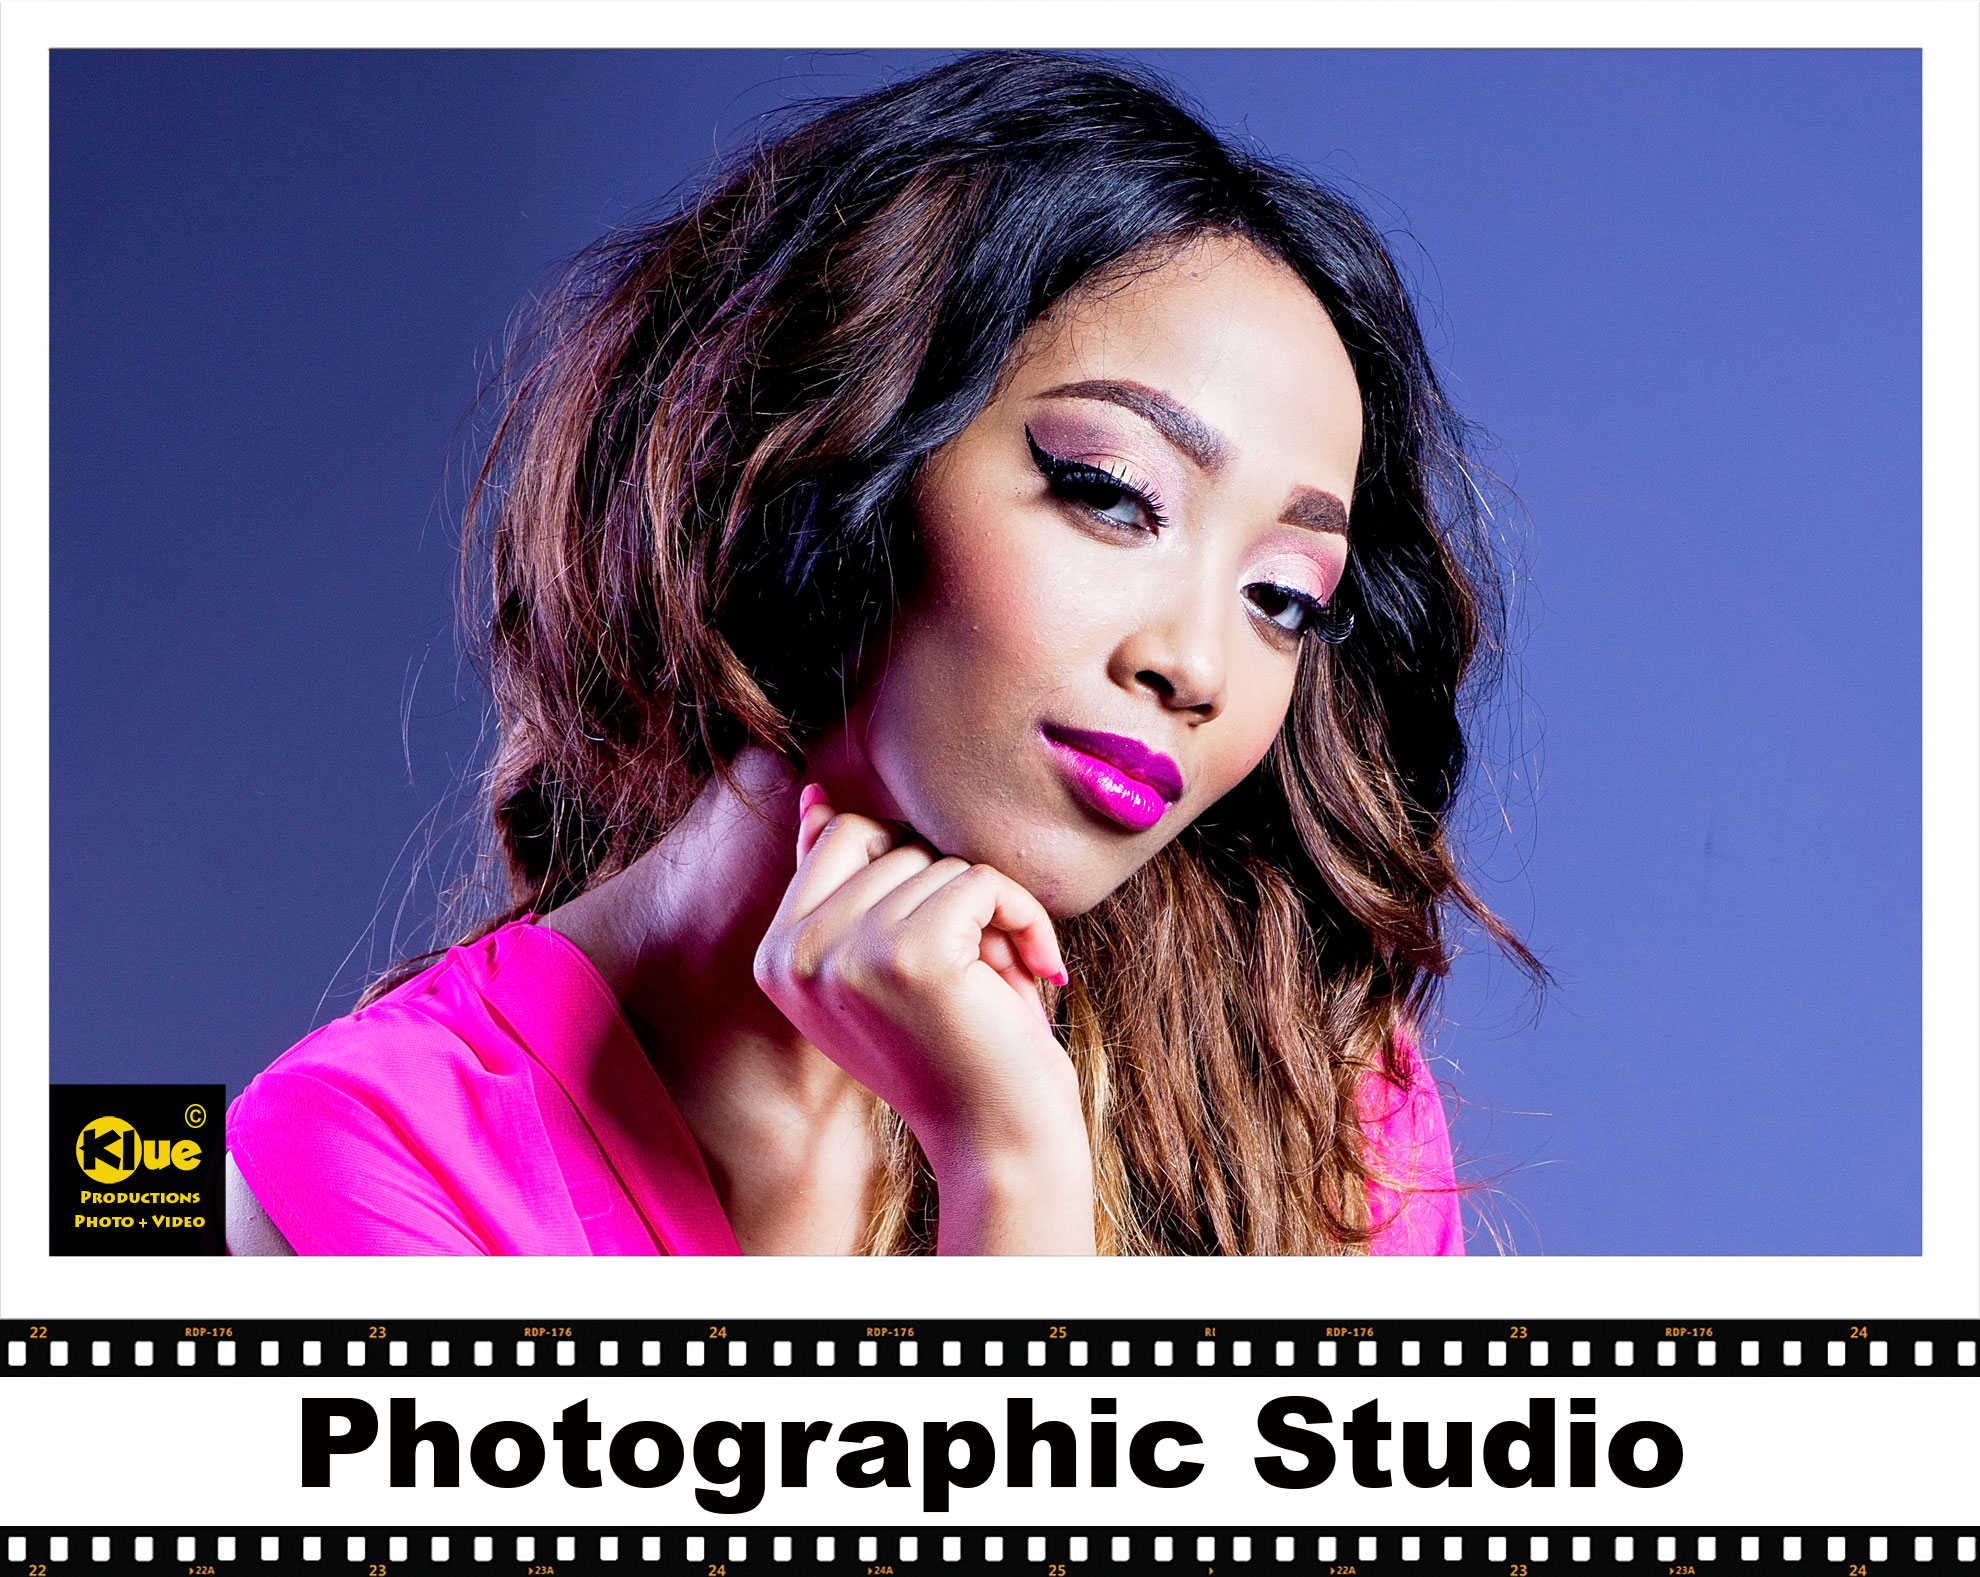 Photographic Studio